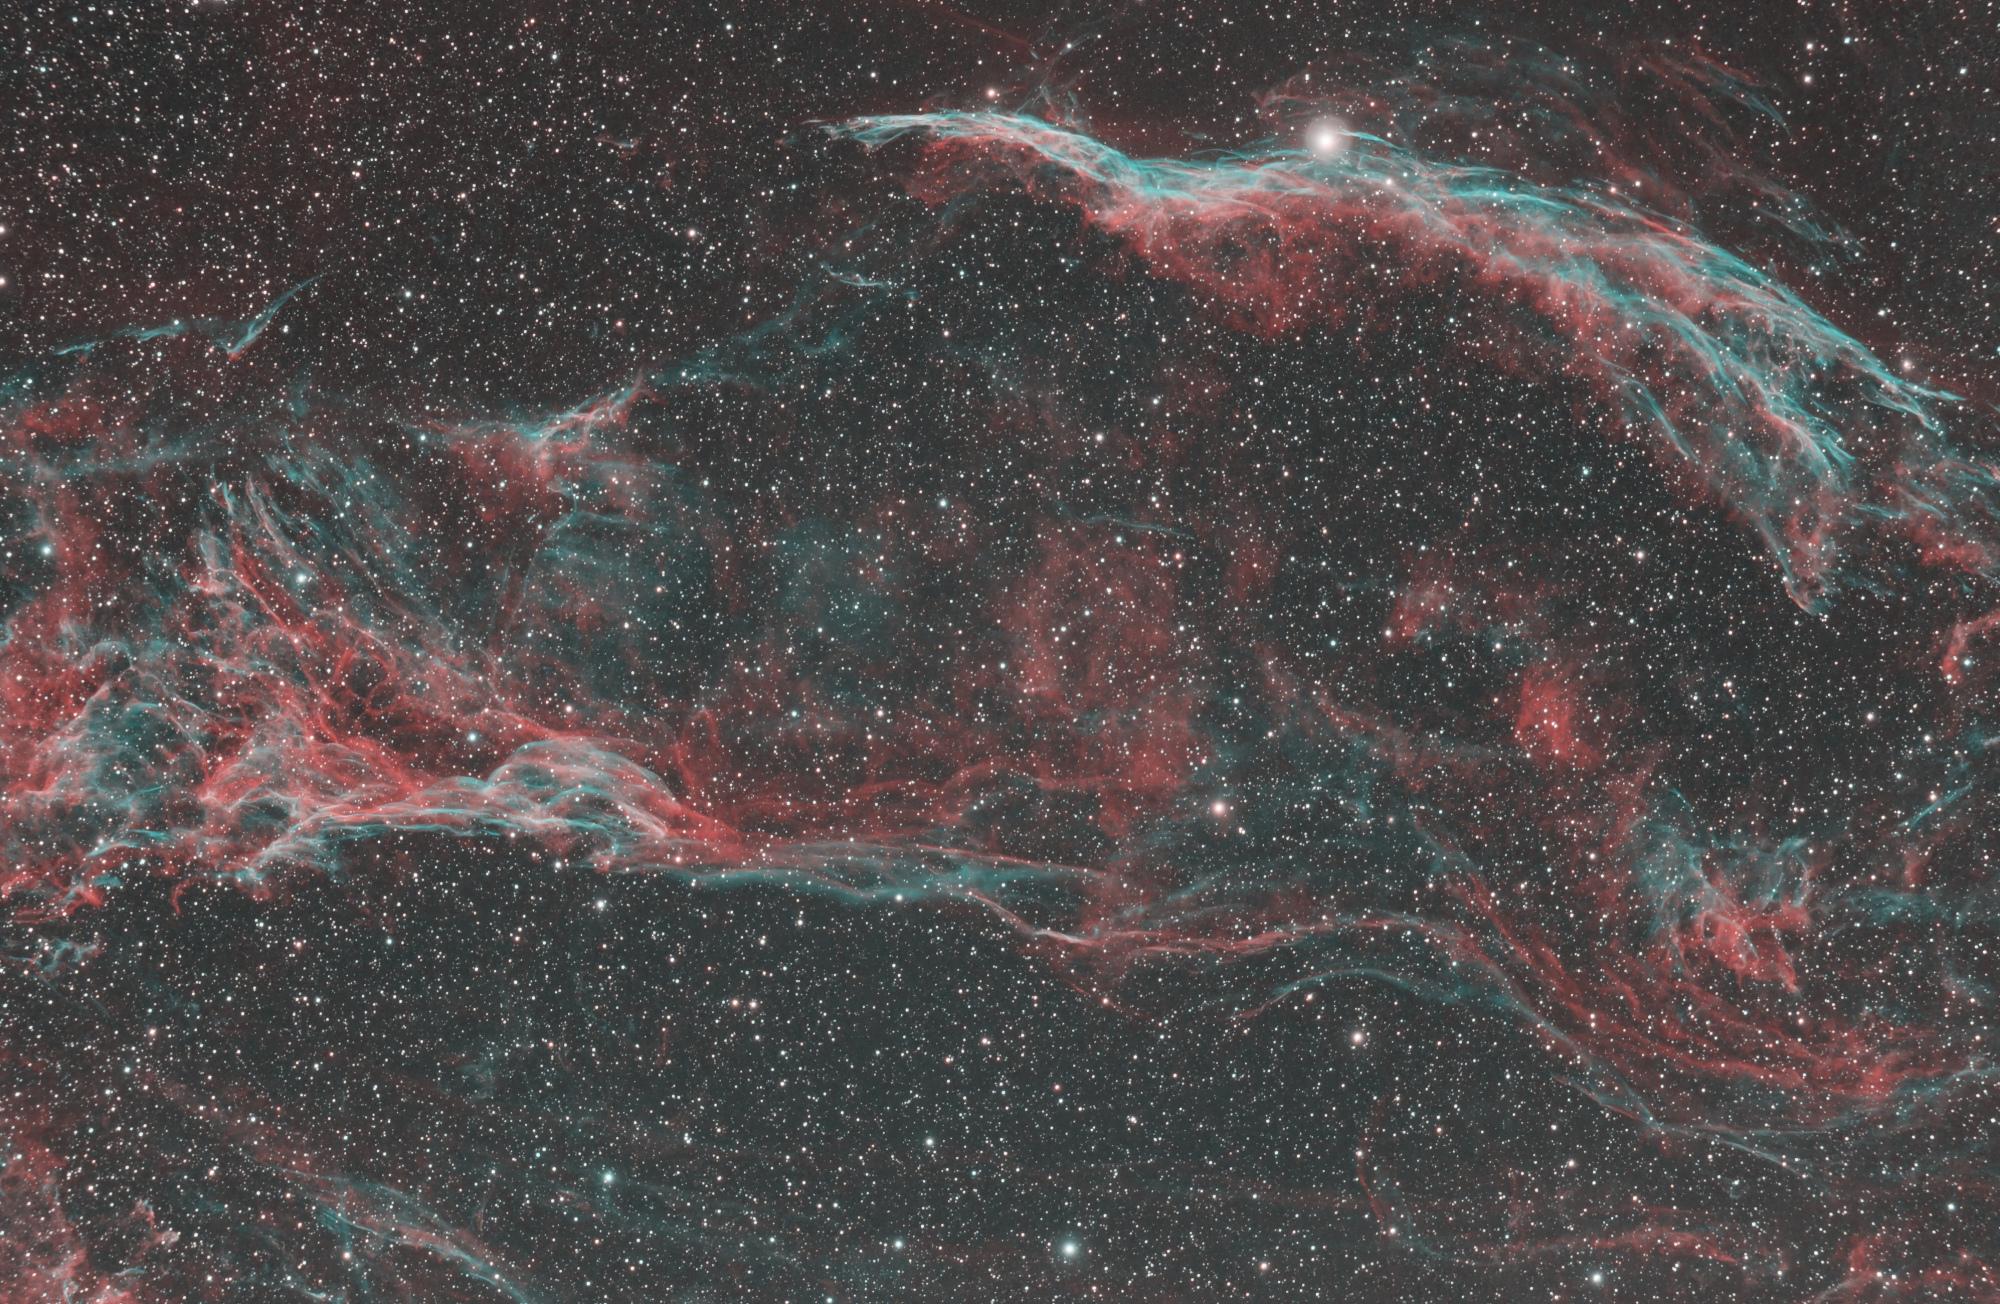 2021-09-23&24_NGC6960-HOO.jpg